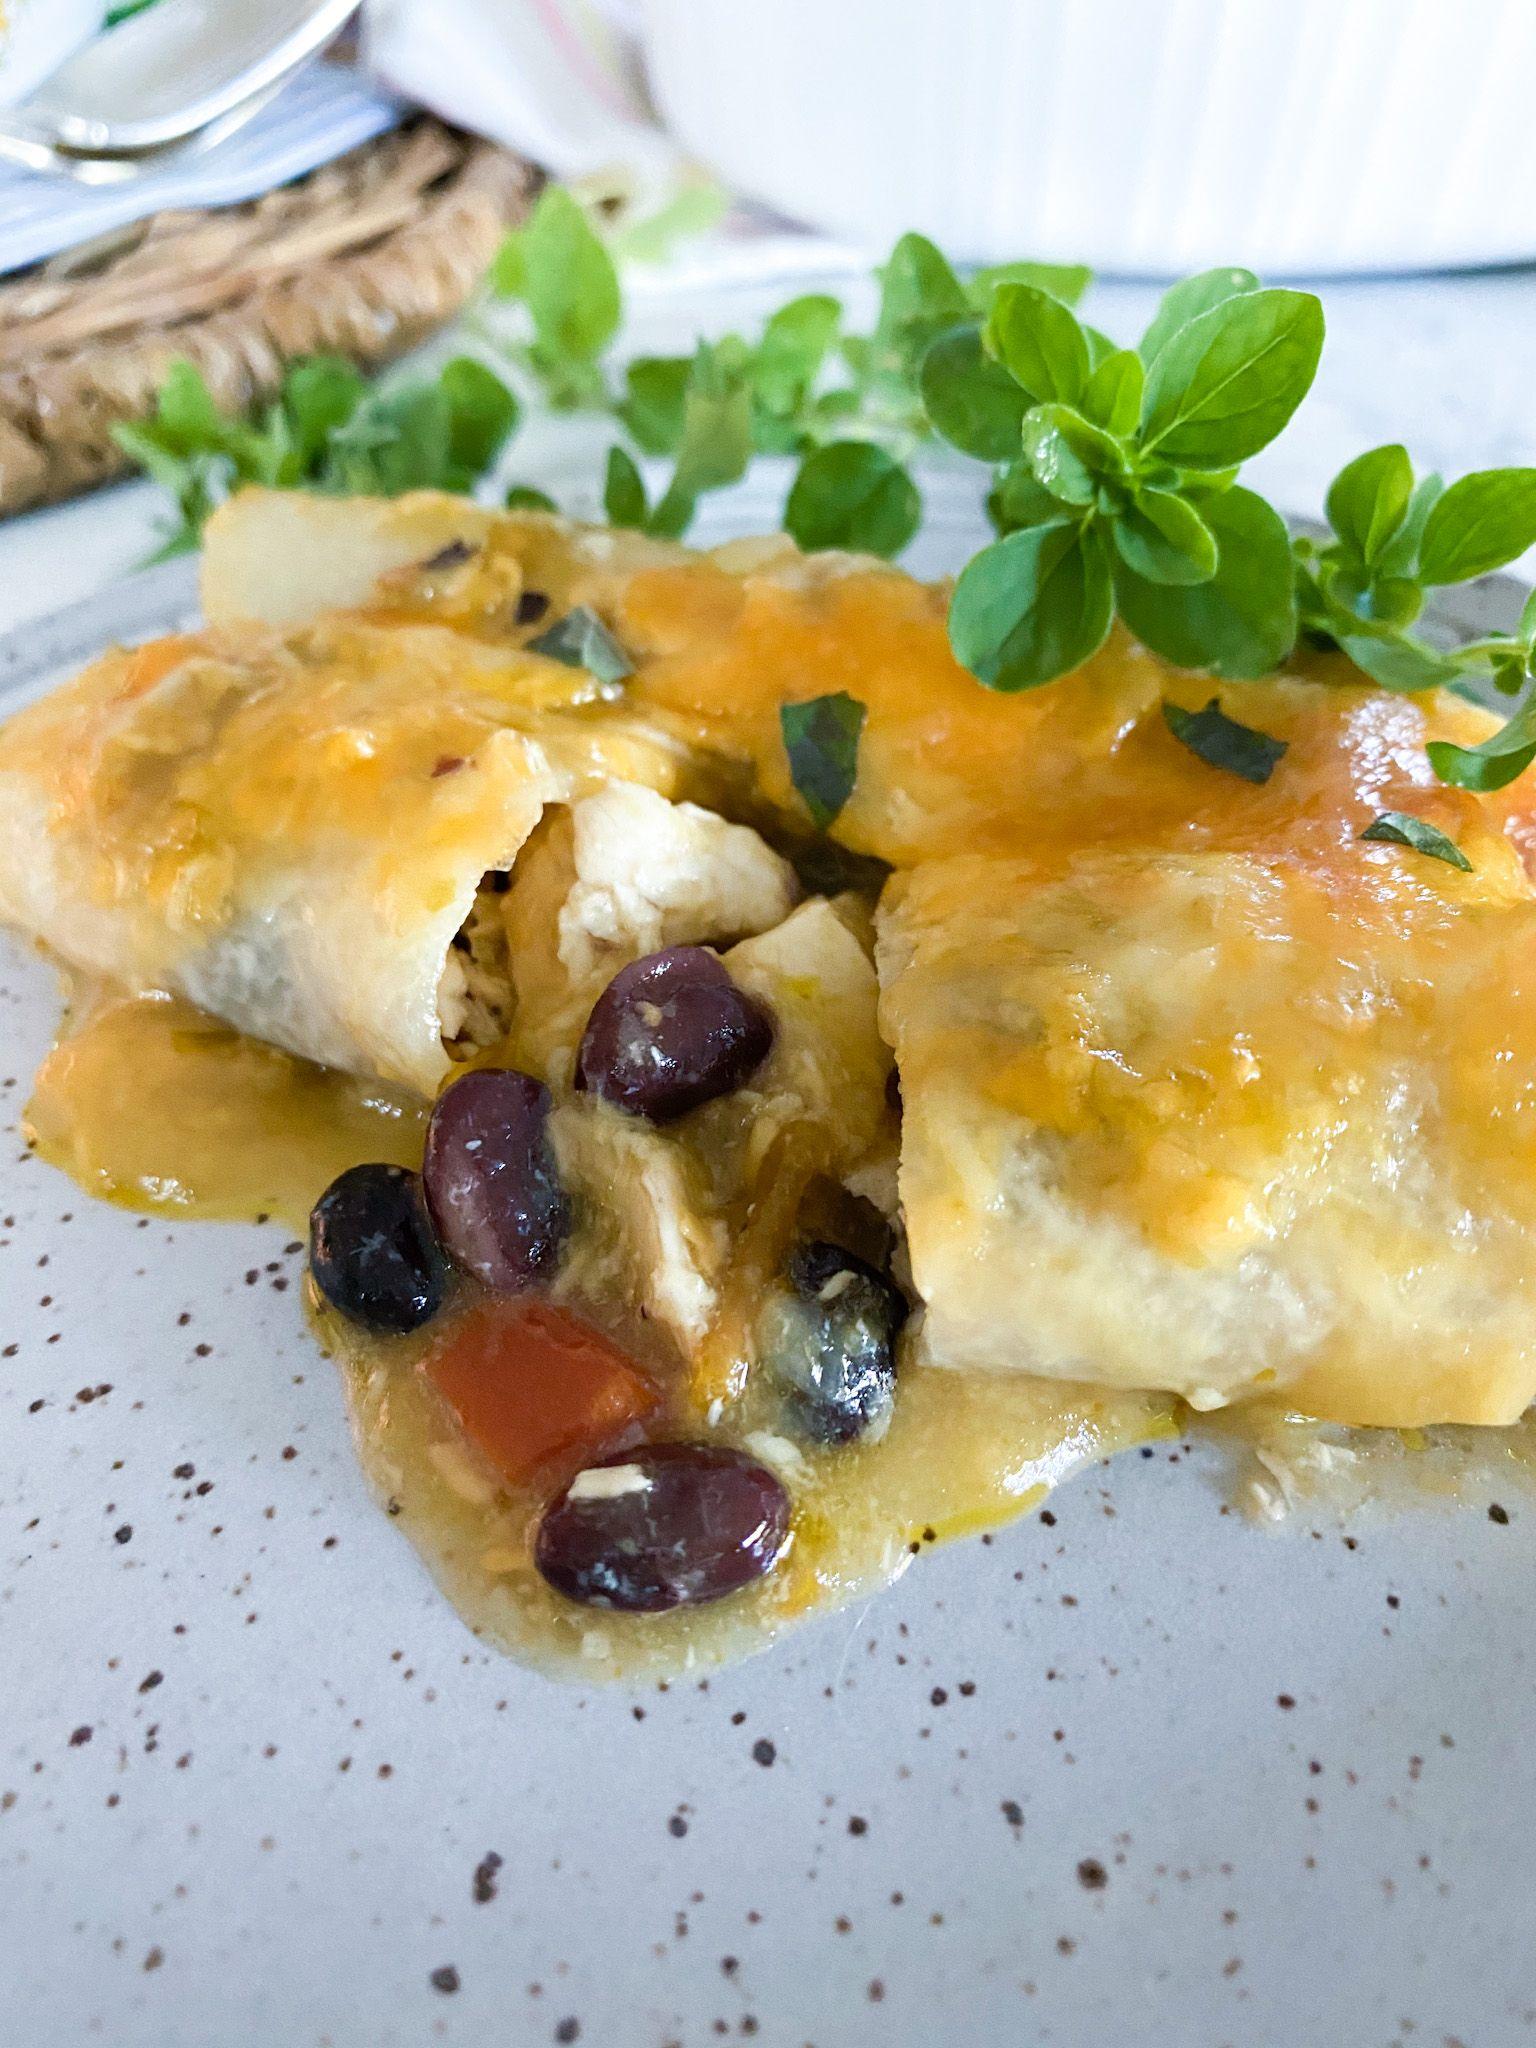 Jicama Chicken Enchiladas Desocio In The Kitchen Recipe In 2021 Chicken Enchiladas Delicious Healthy Recipes Wrap Recipes